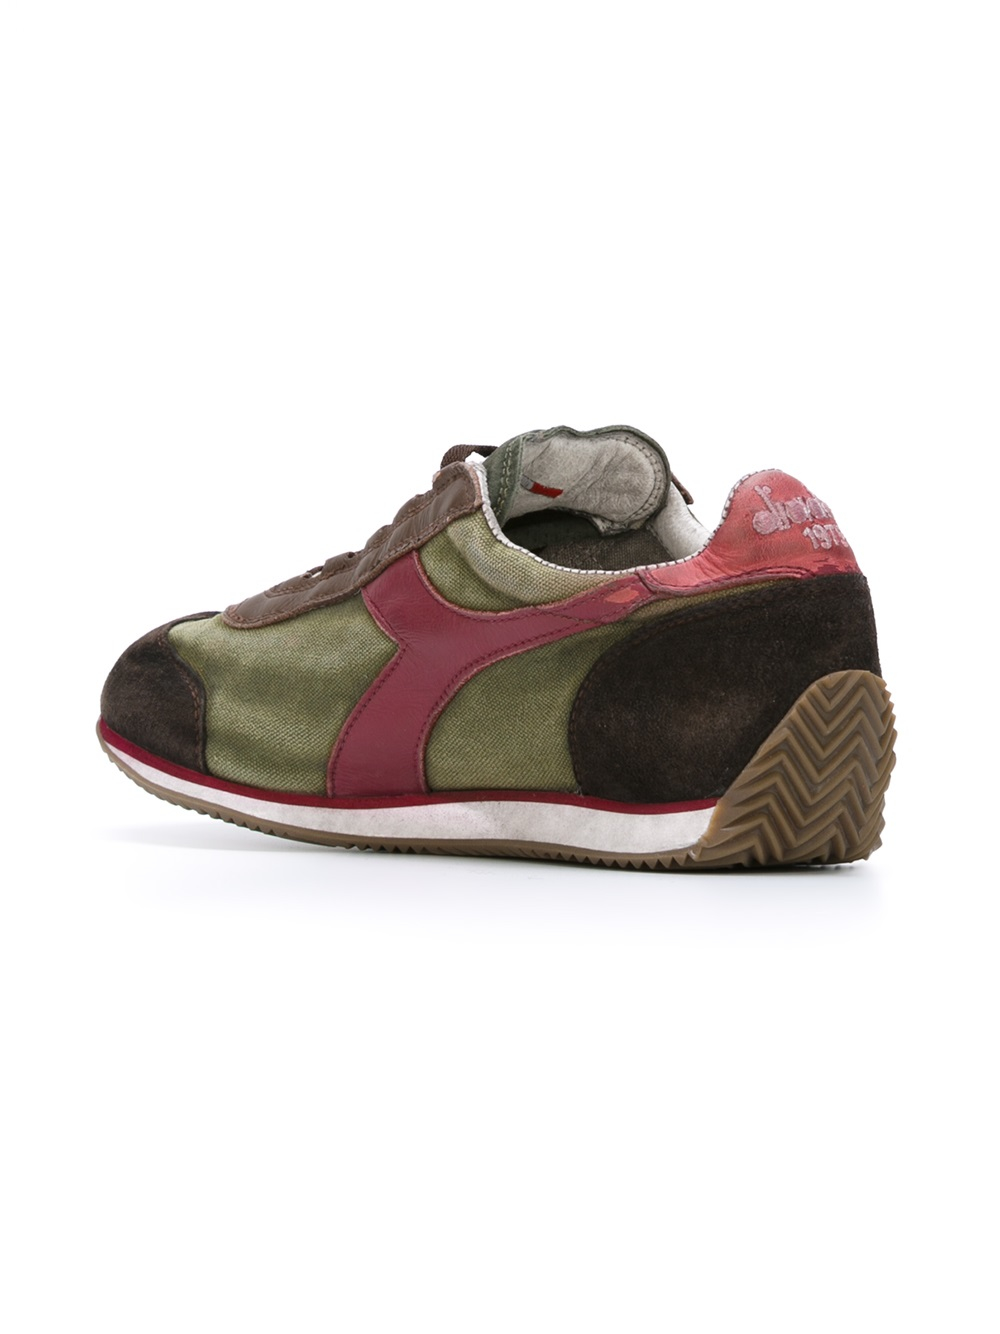 diadora sneakers - photo #30